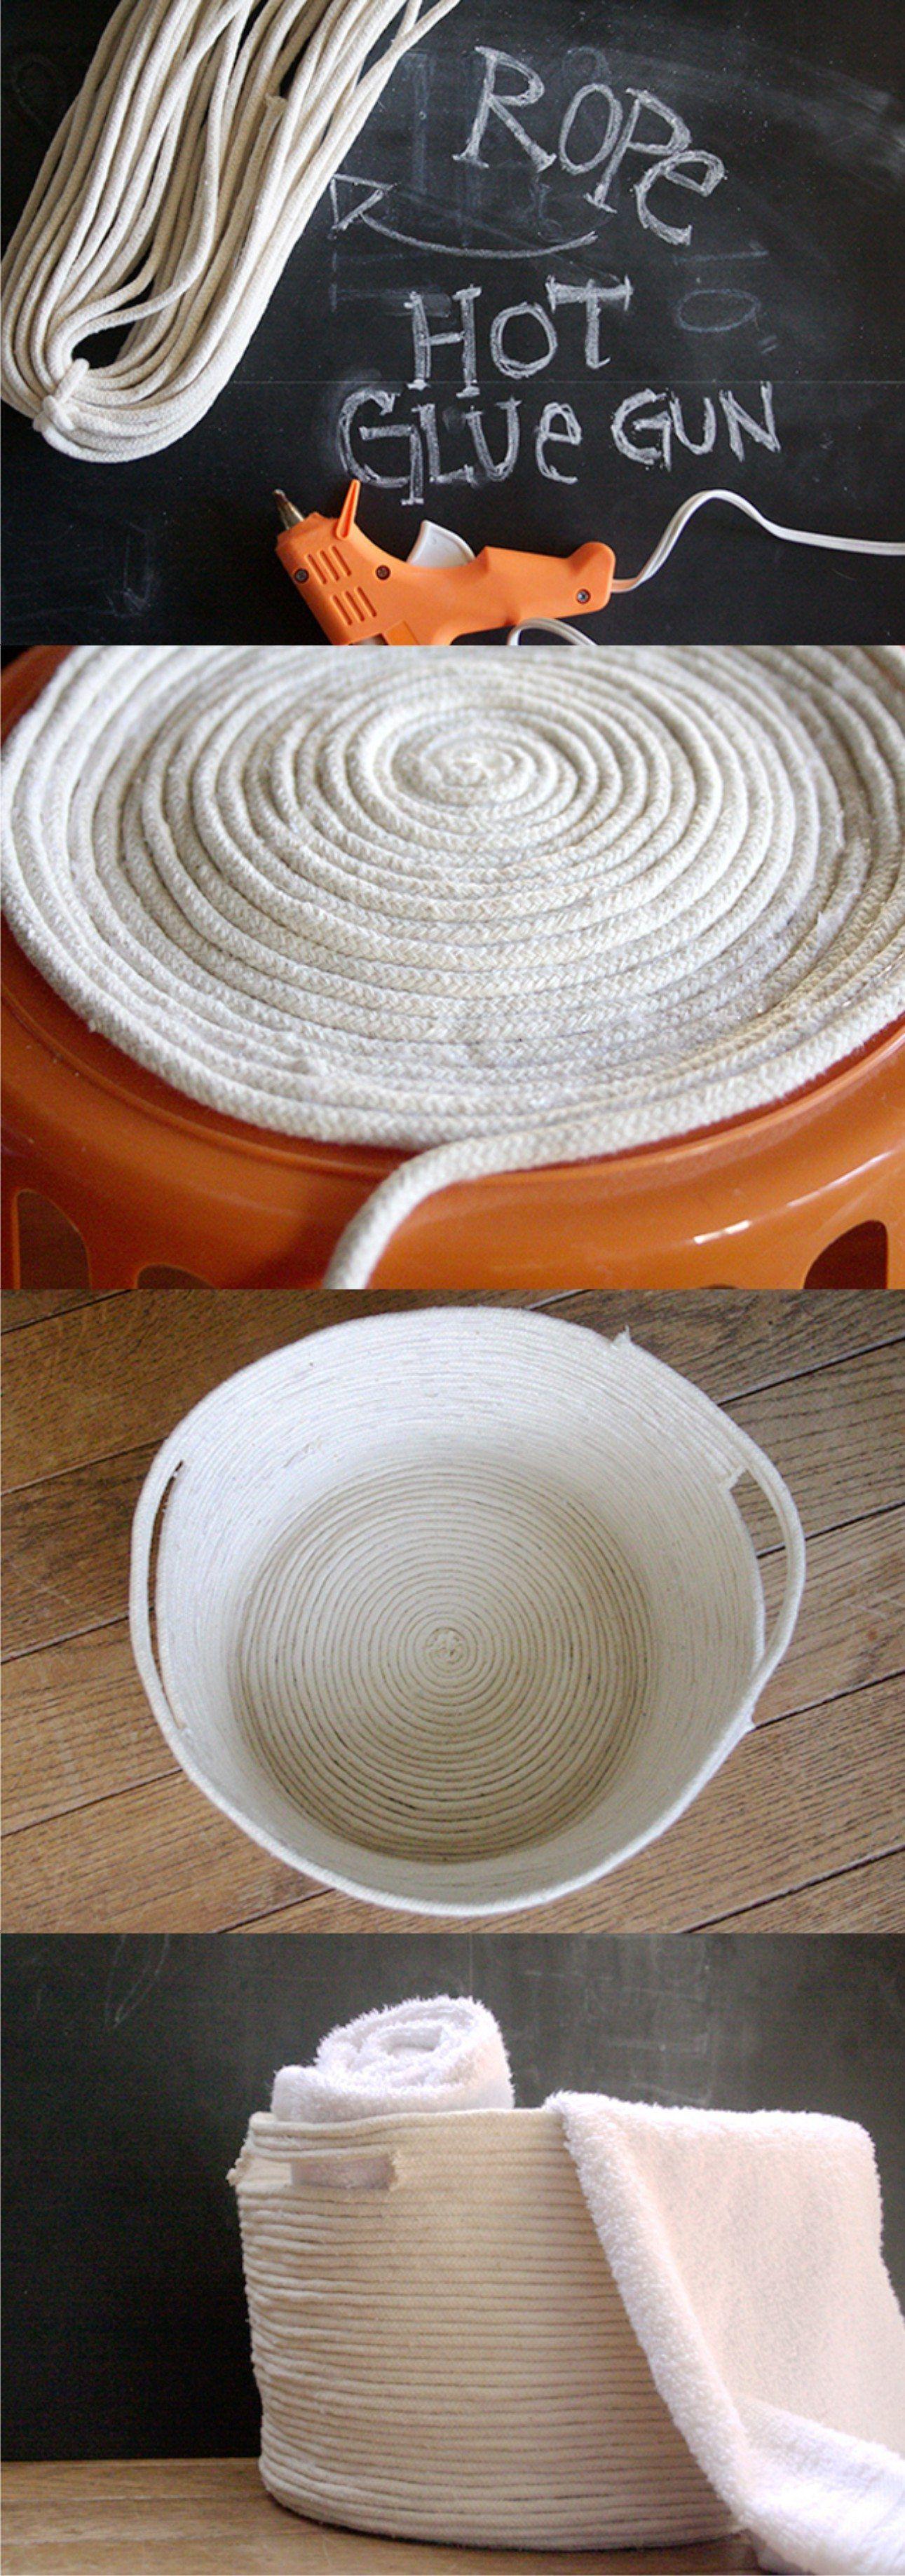 cesta cuerda DIY muy ingenioso 2